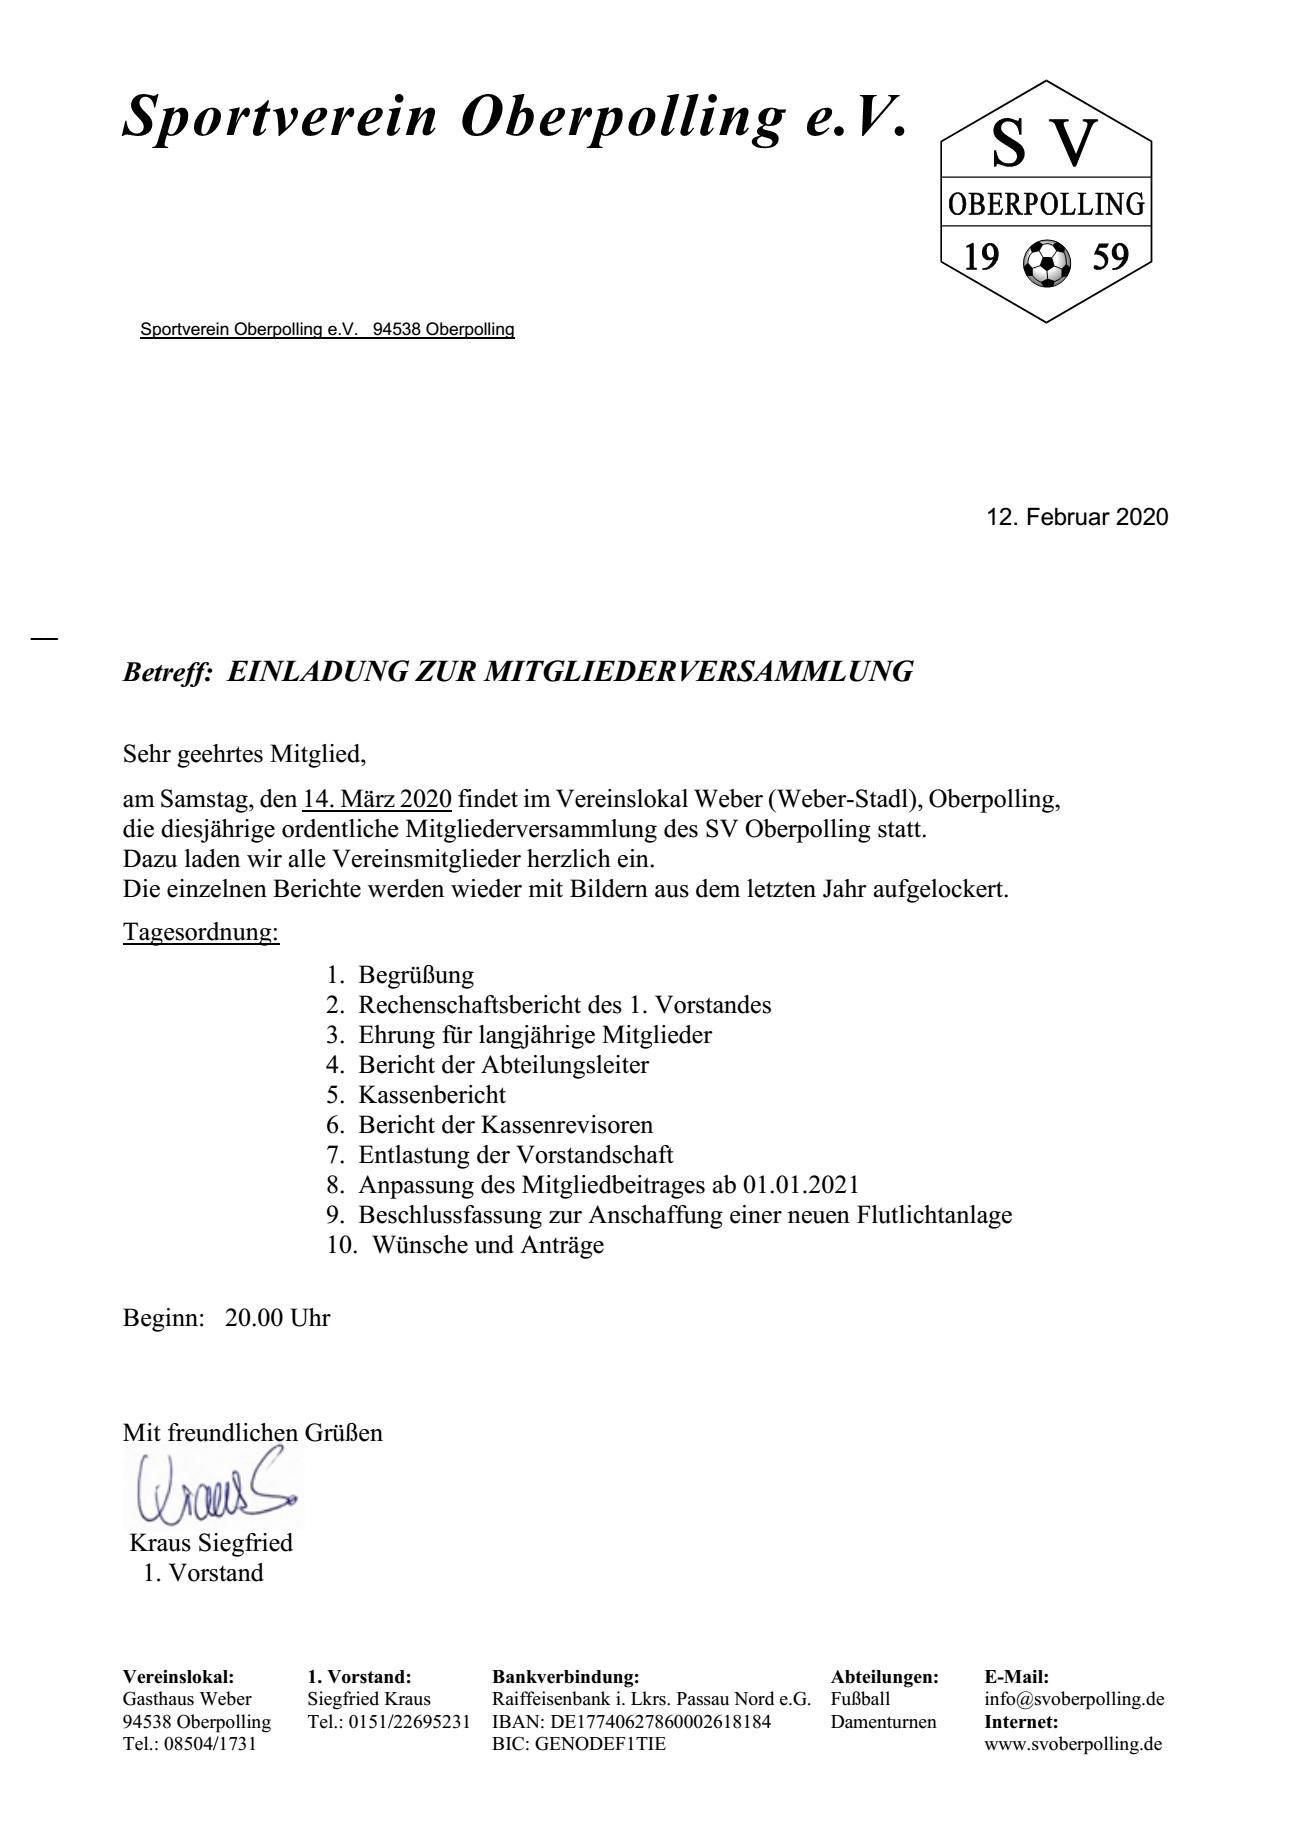 Mitgliederversammlung SV Oberpolling